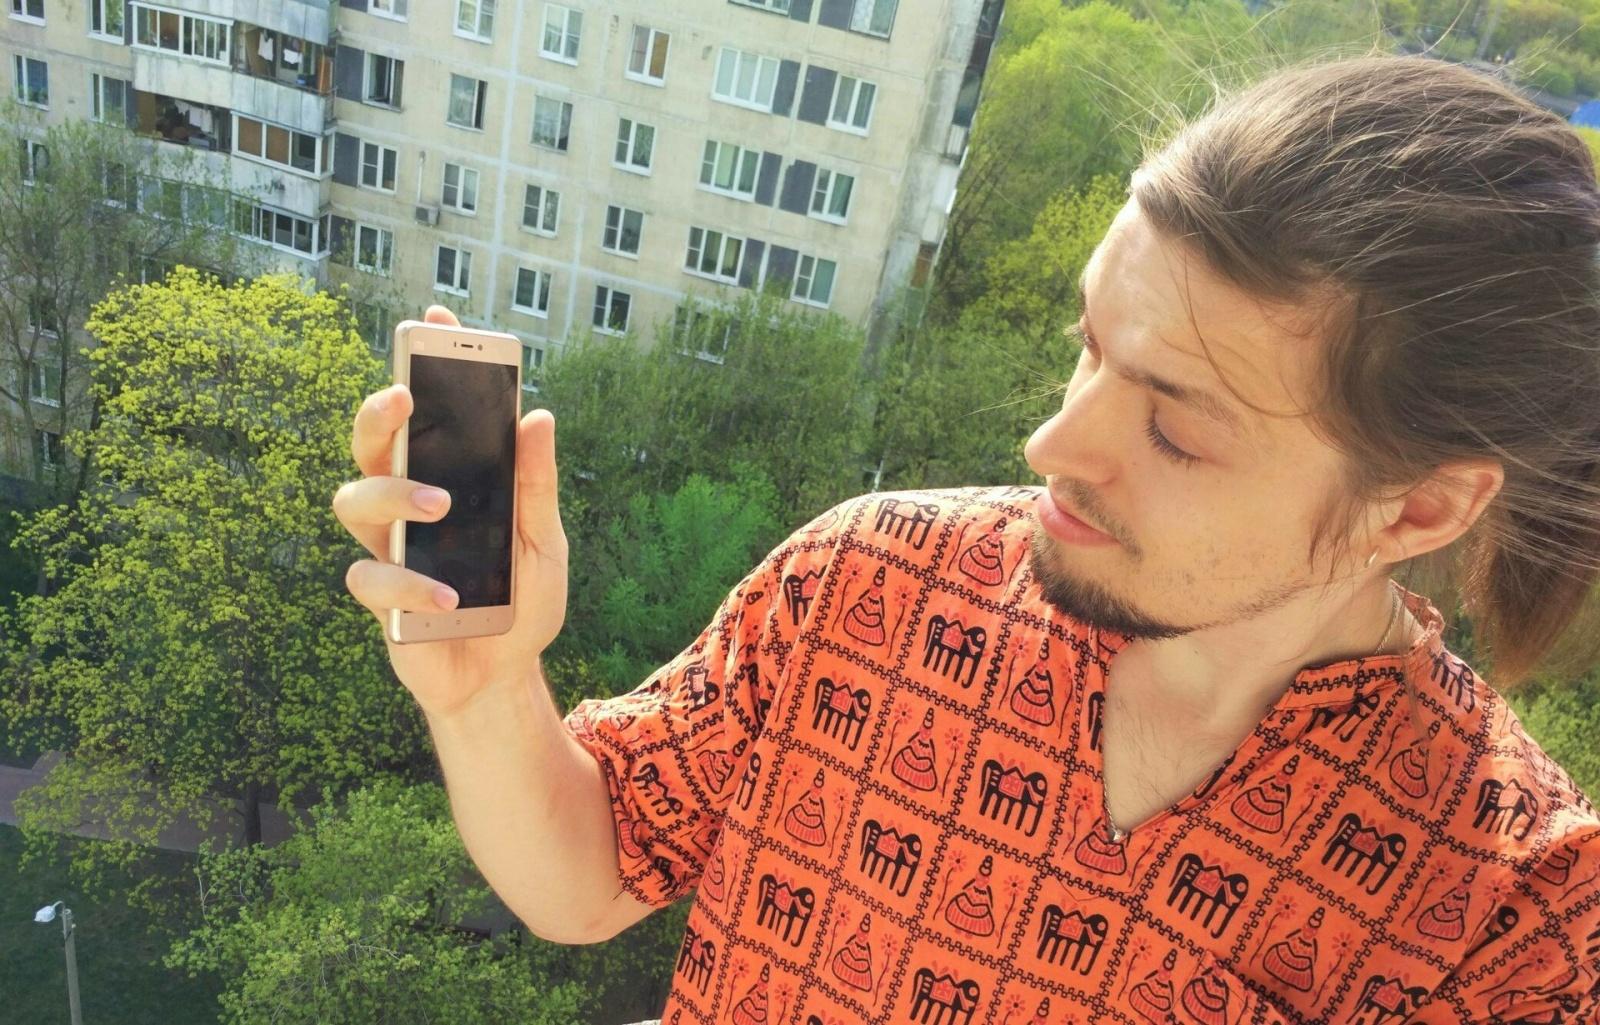 Тест-драйв нового смартфона Xiaomi или Как наэкономить на бесплатный Xiaomi Mi4S? - 1